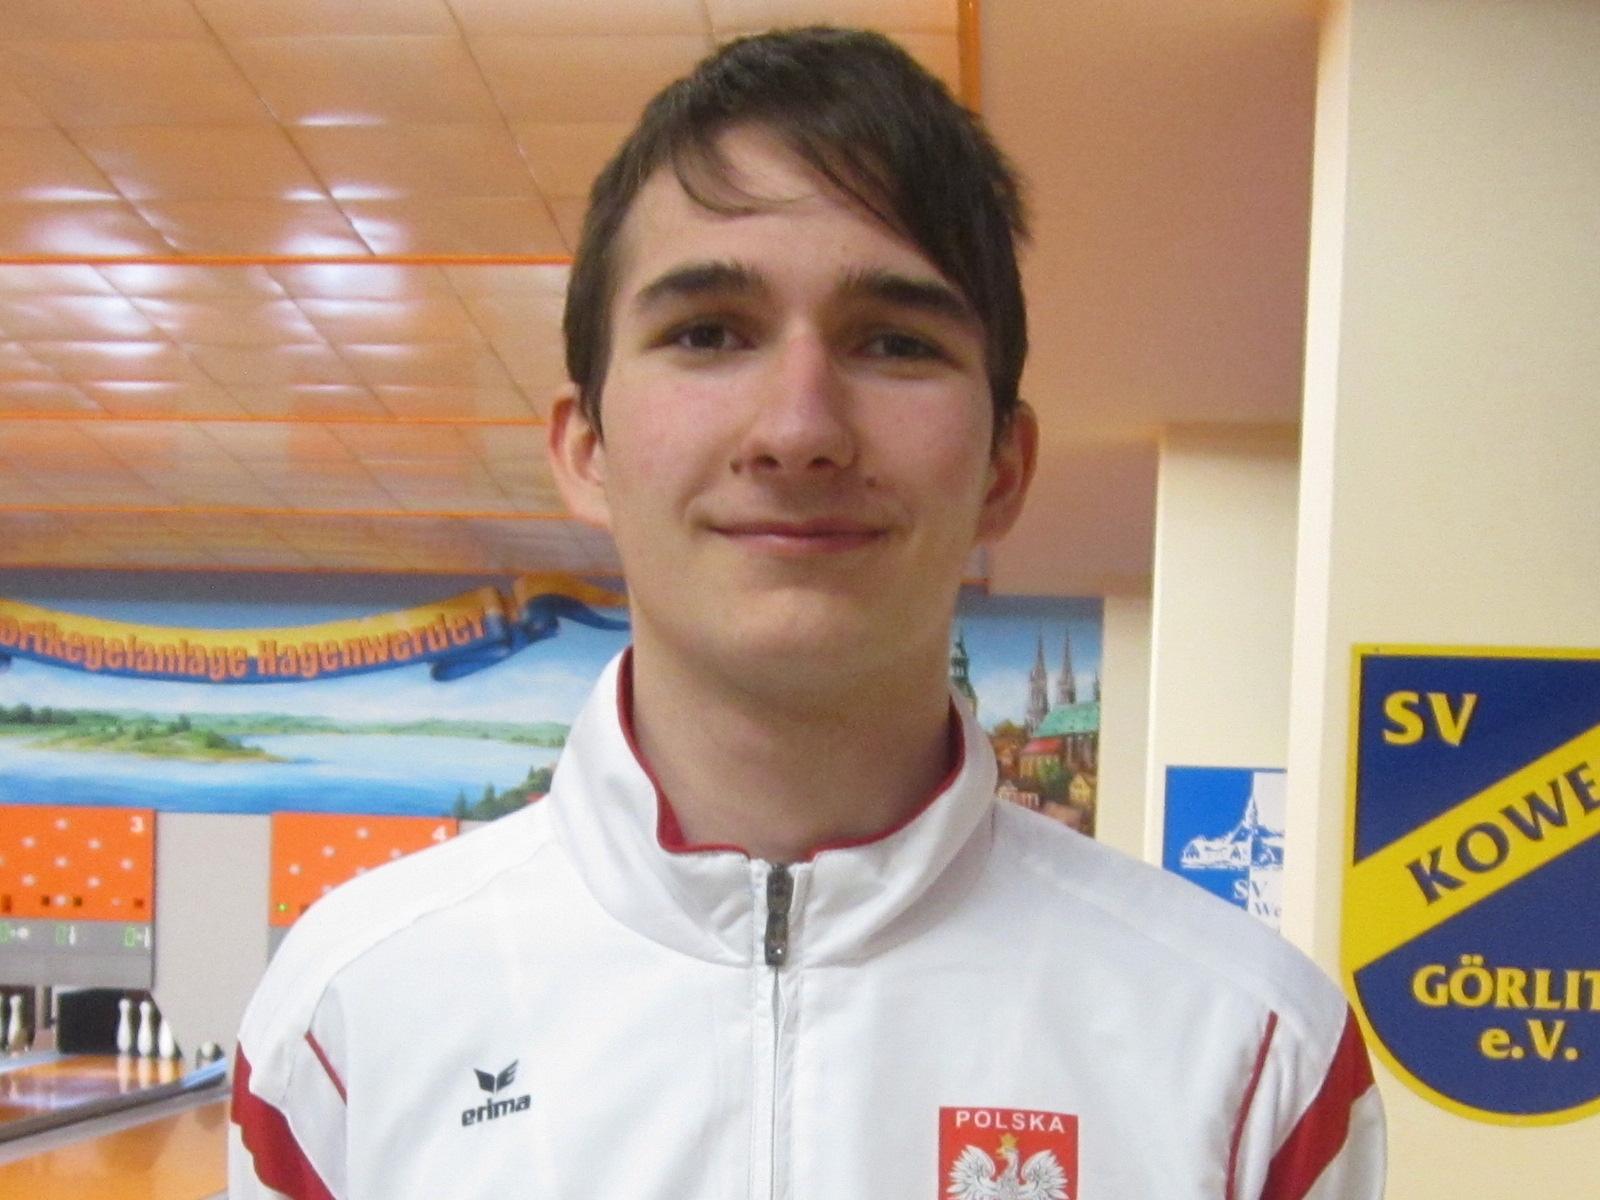 niemcy - polska 111